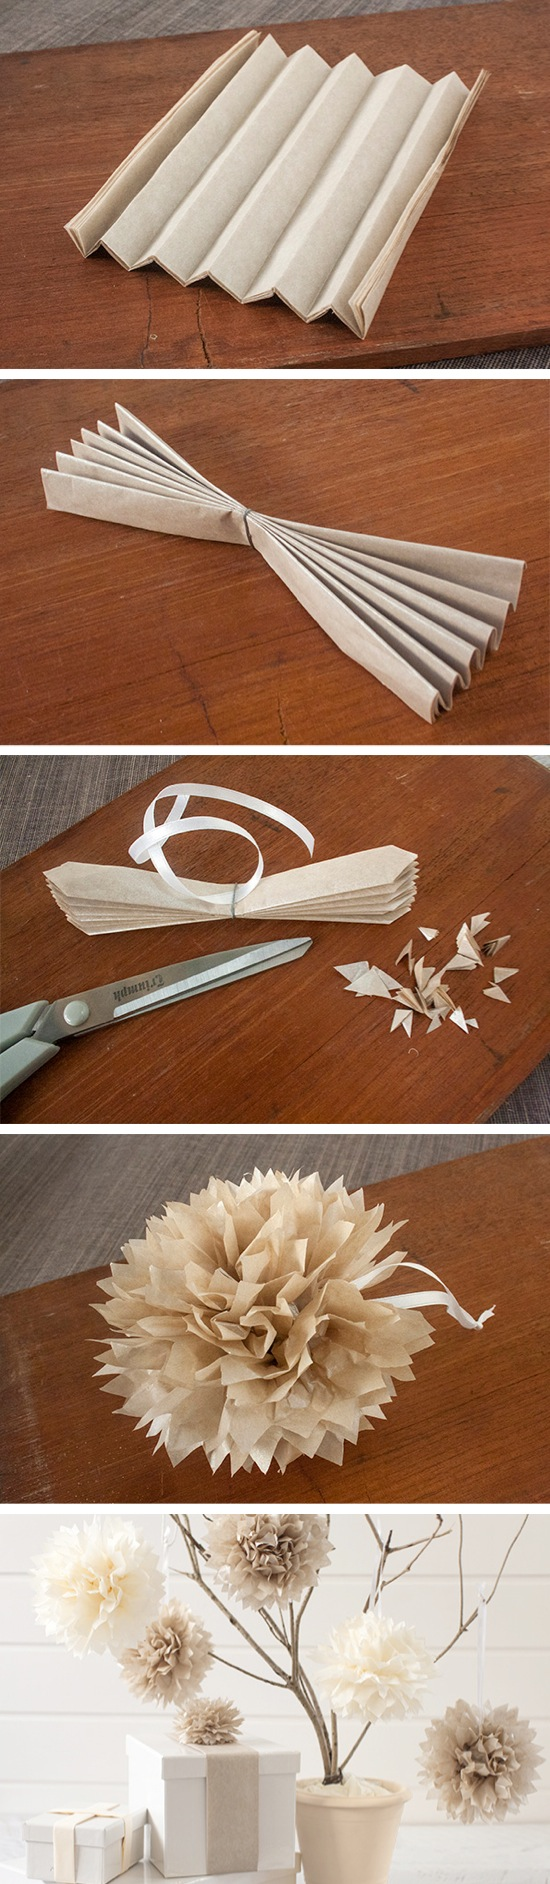 Easy DIY Tissue Paper Pom Poms   Craft By Photo